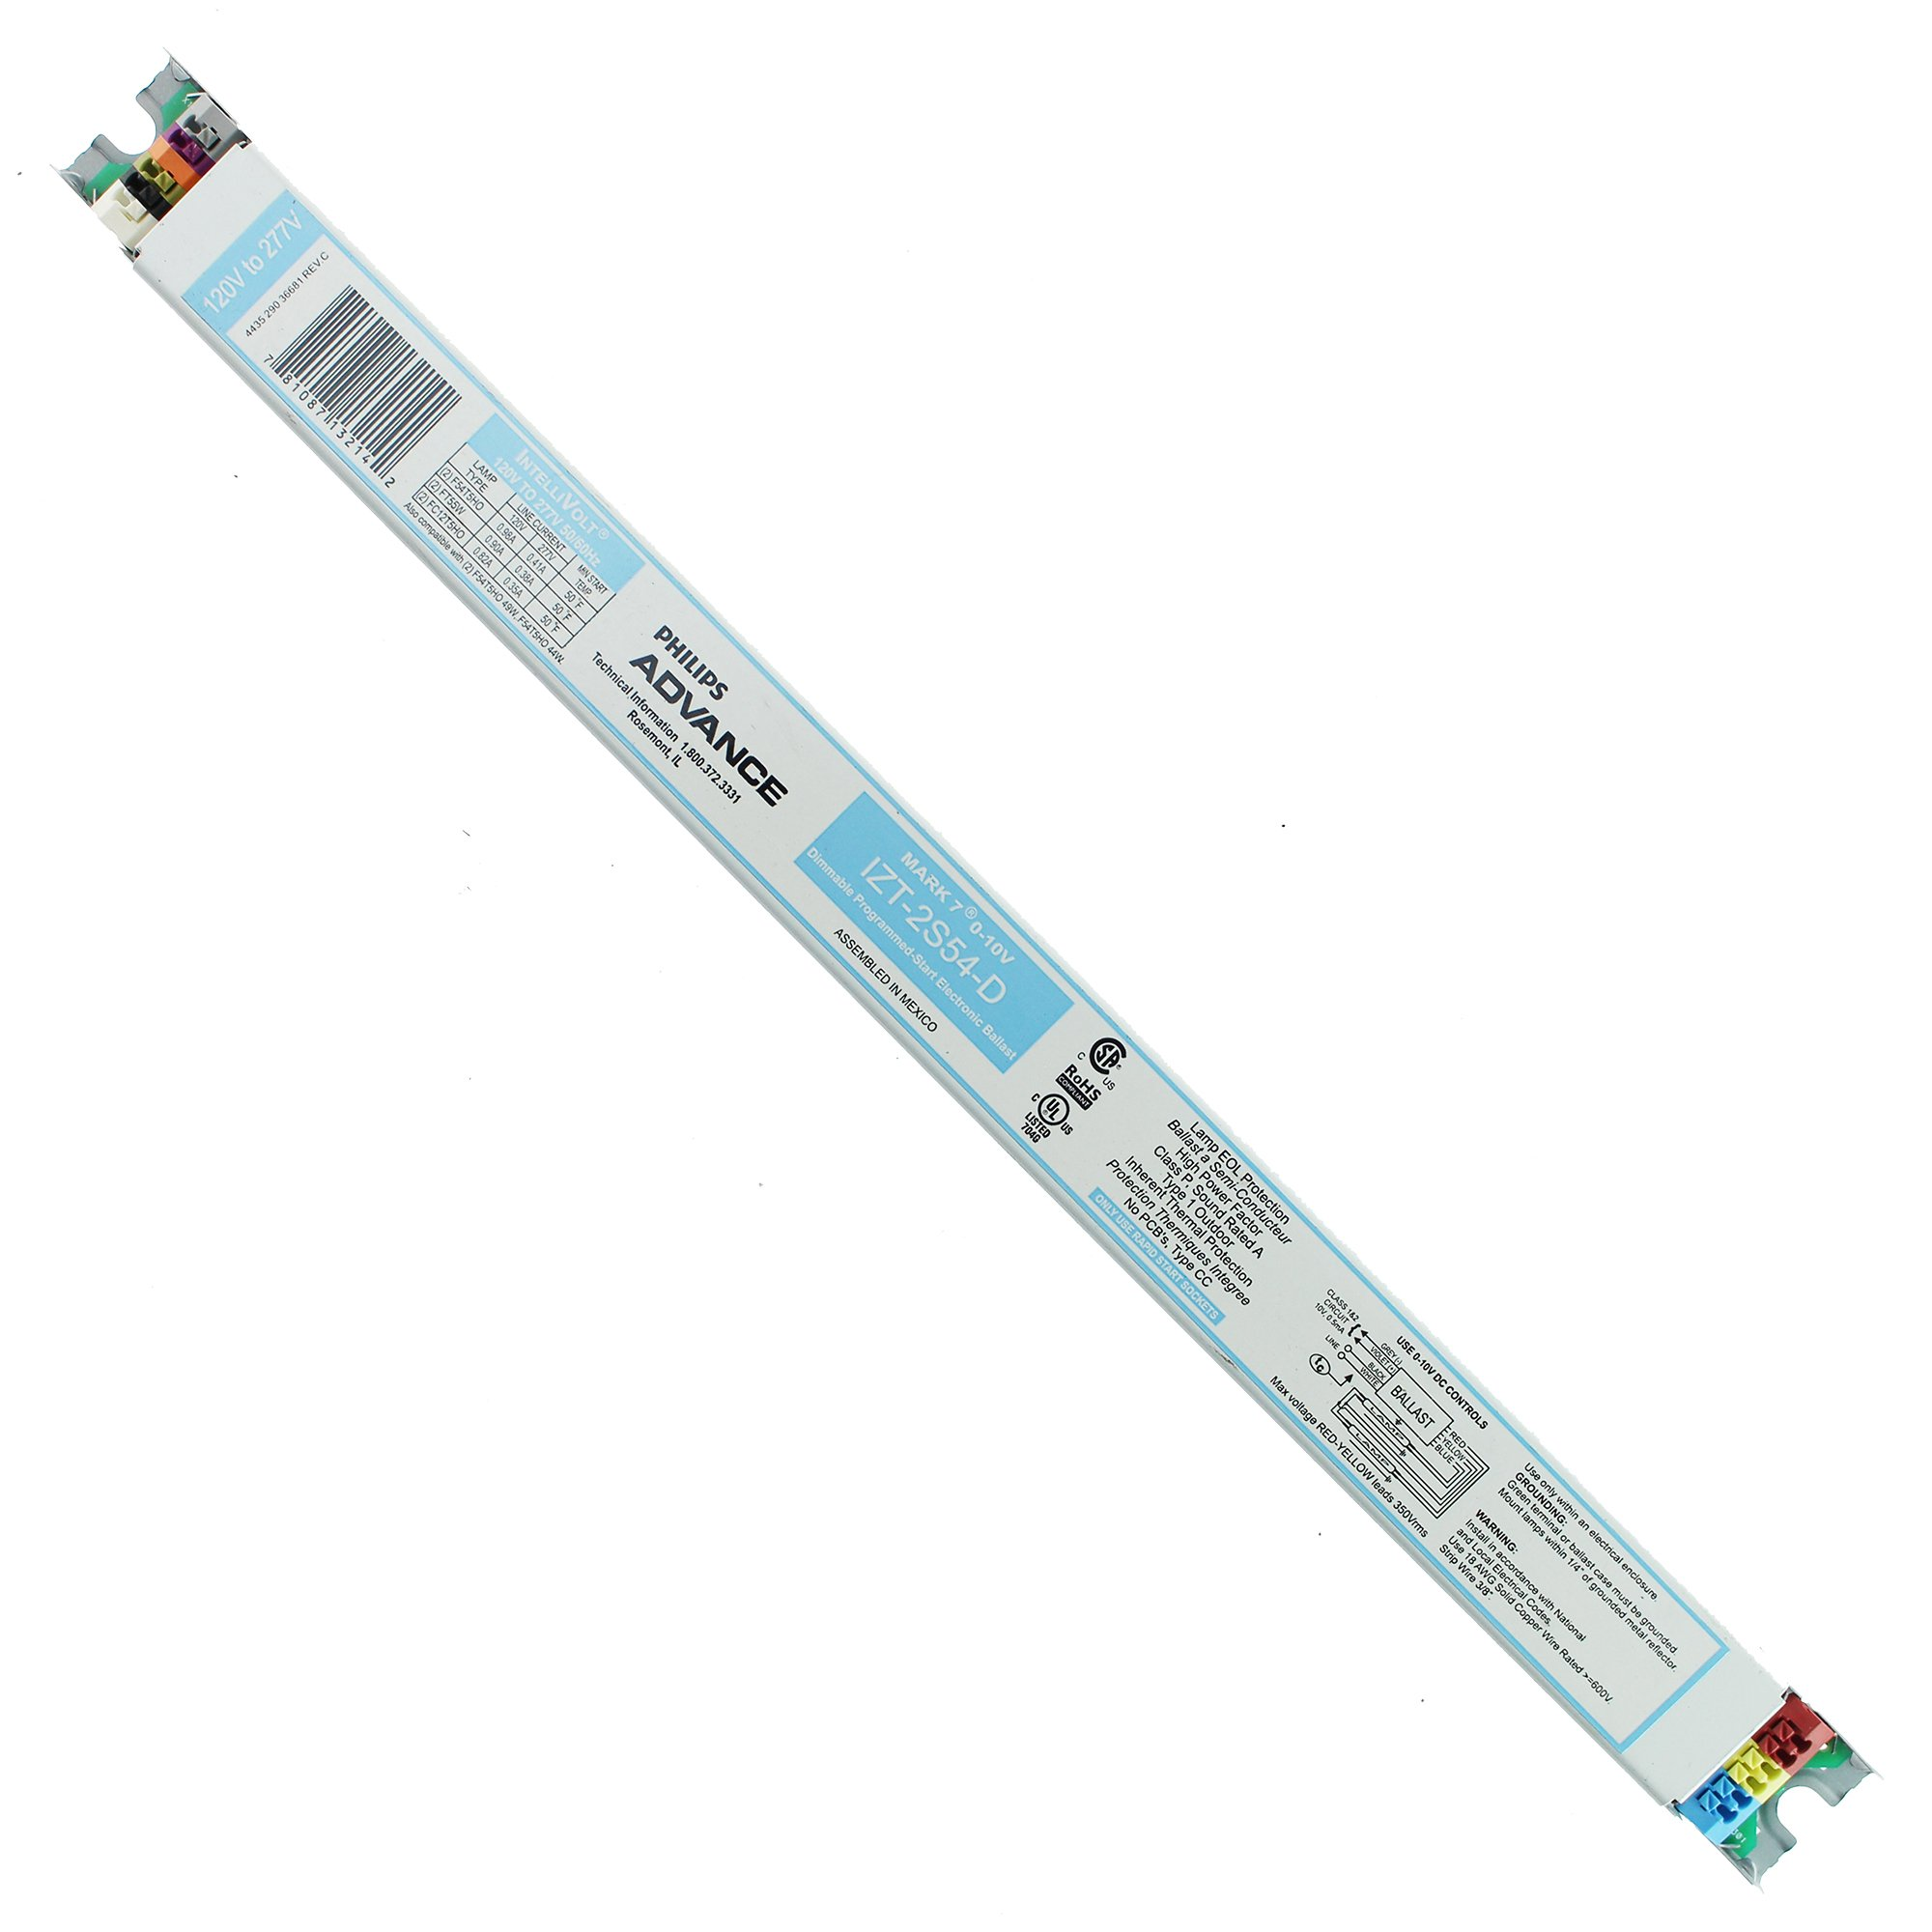 Advance Mark 7 0-10V IZT2S54D35M - 2 Lamp - F54T5/HO - 120/277 Volt - Dimming - 1.0 Ballast Factor